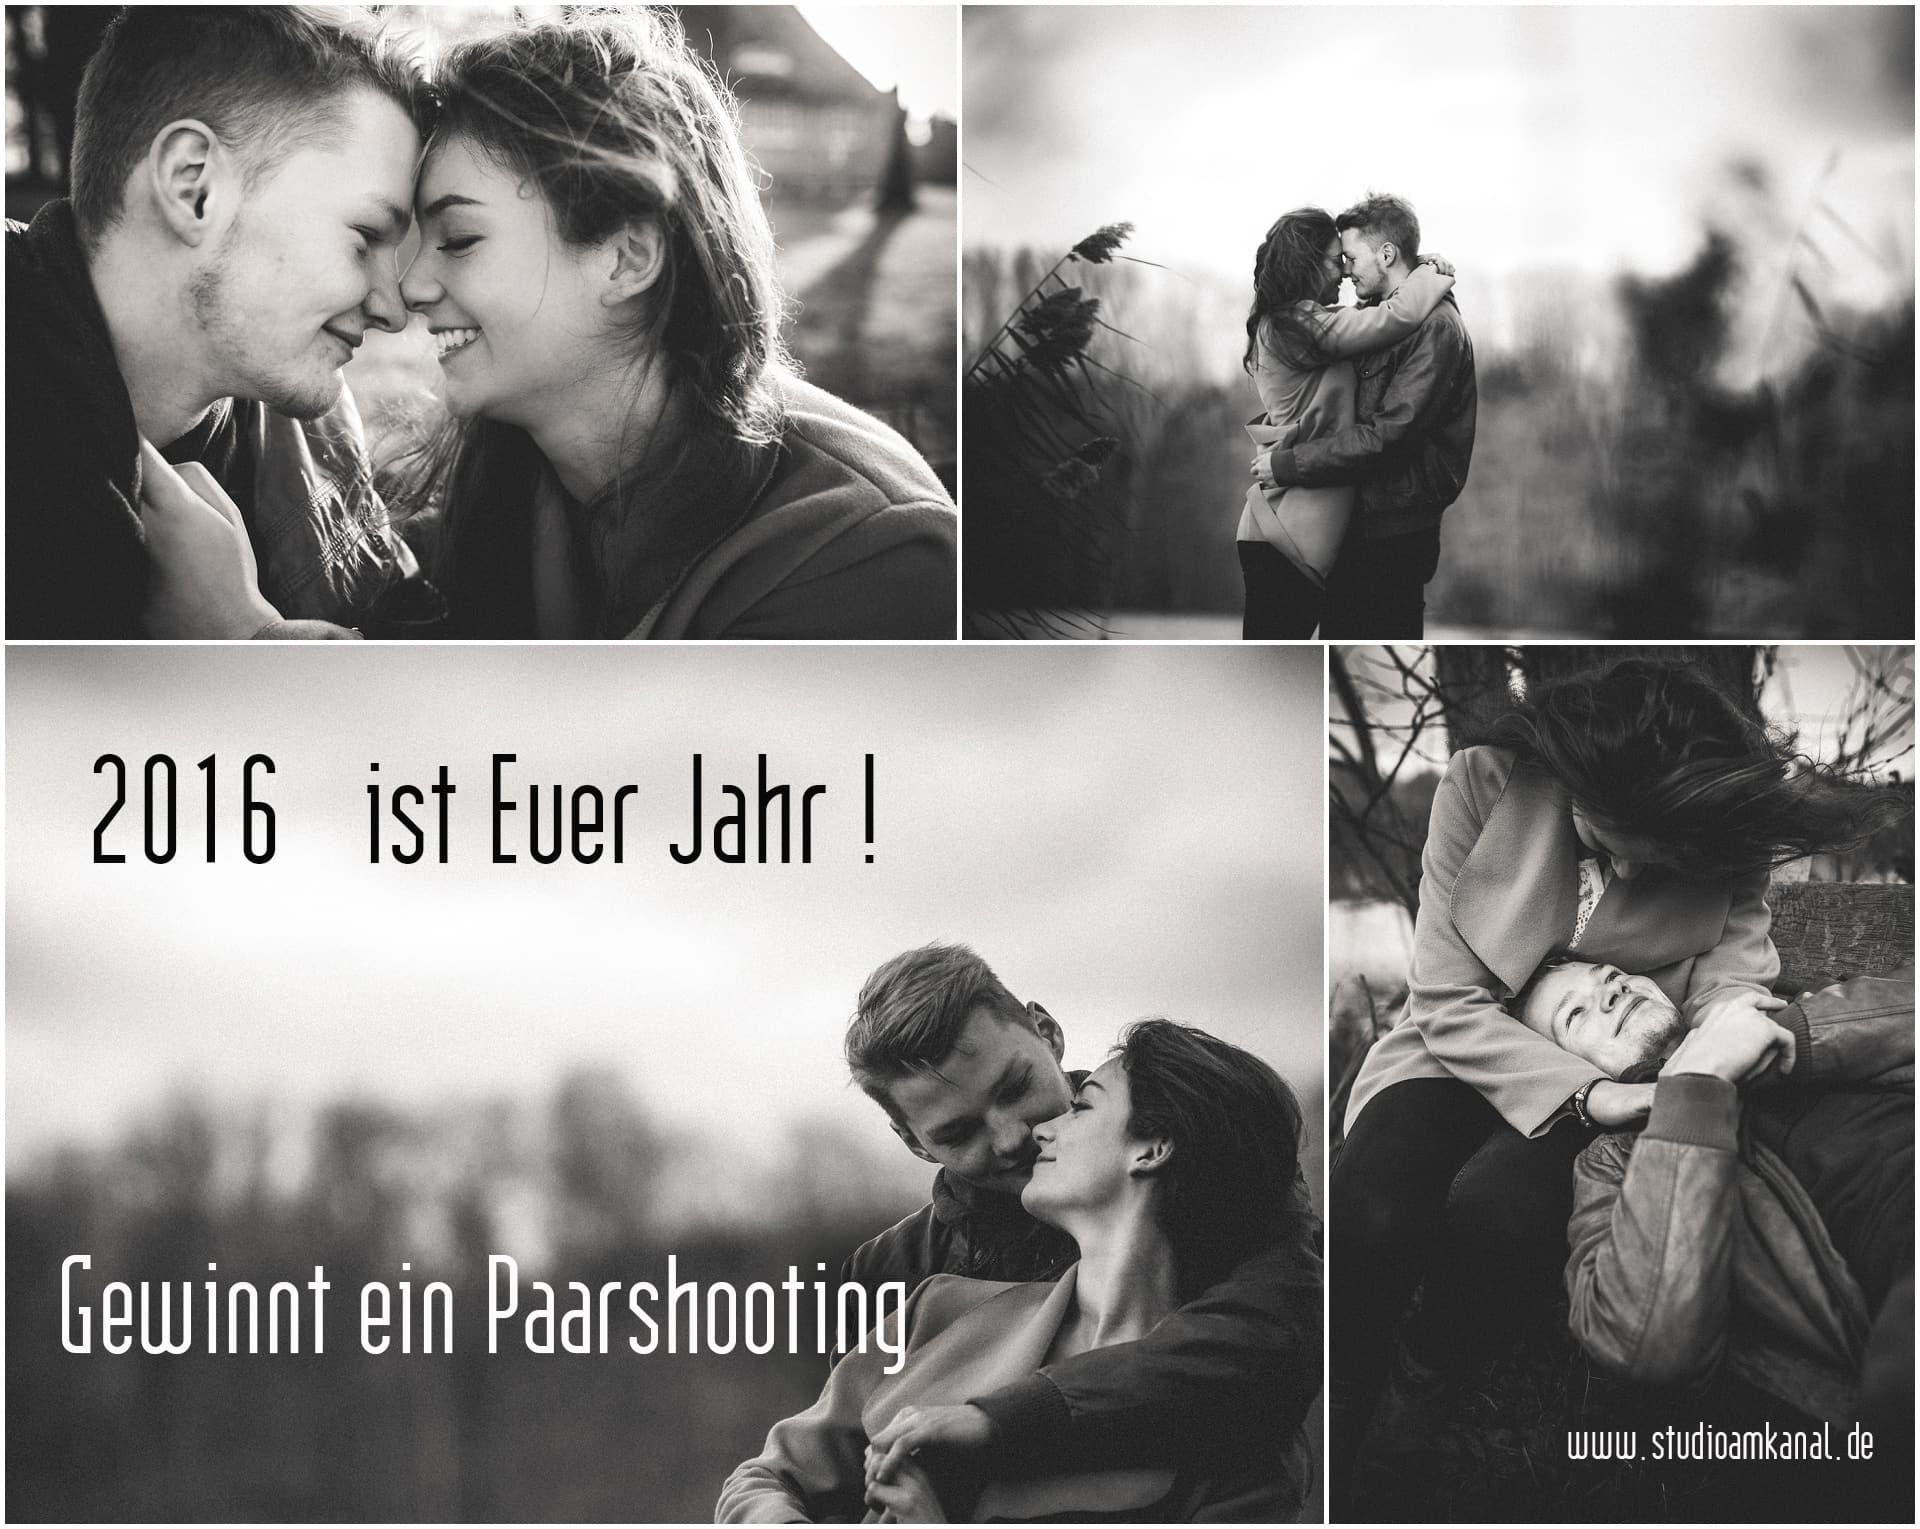 gewinnt-ein-shooting